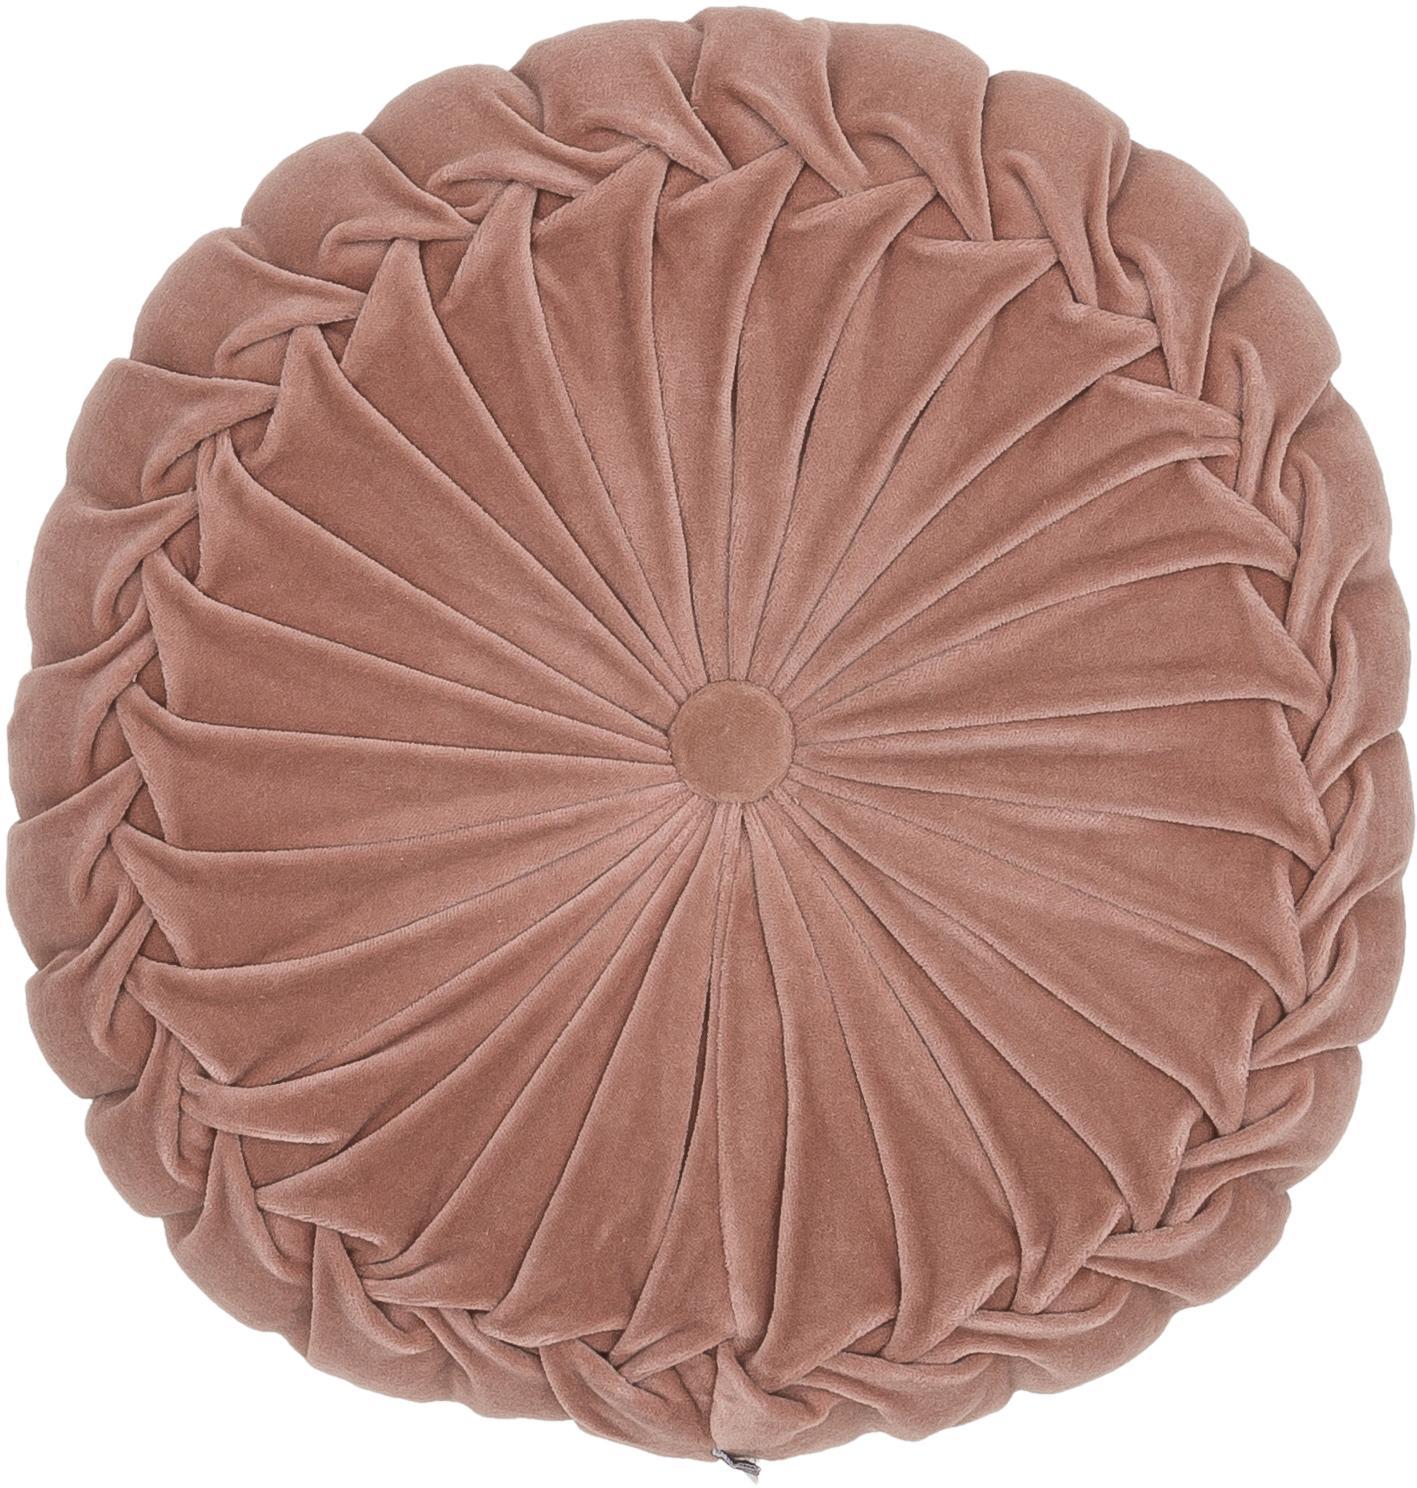 Rundes Samt-Kissen Kanan mit Raffungen, mit Inlett, Altrosa, Ø 40 cm